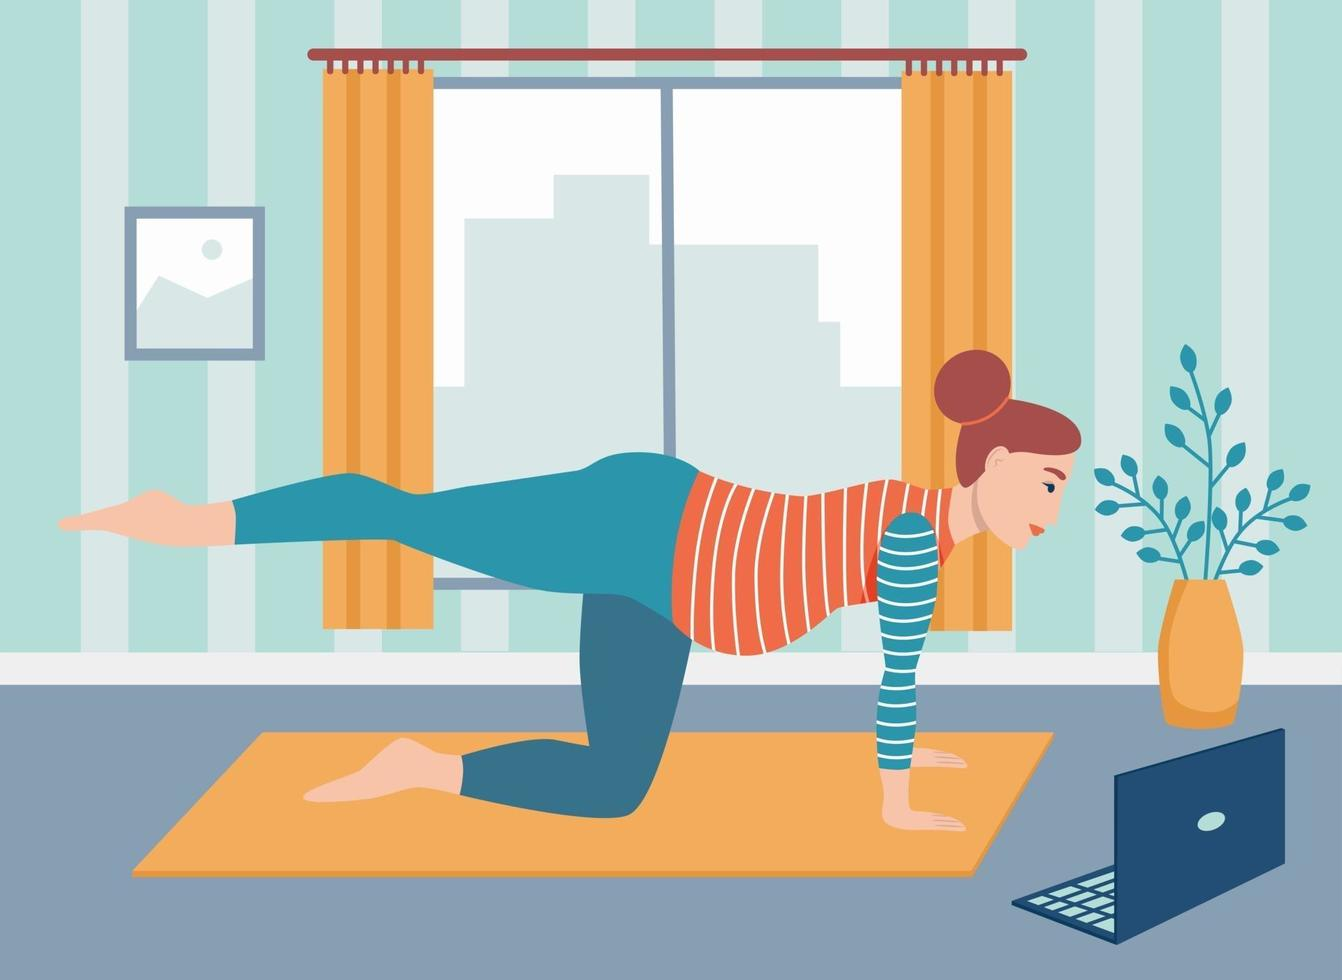 schwangere Frau macht Yoga zu Hause online. das Konzept der alltäglichen Aktivitäten und des täglichen Lebens. Online-Sport und Yoga, Quarantäne. flache Karikaturvektorillustration. vektor